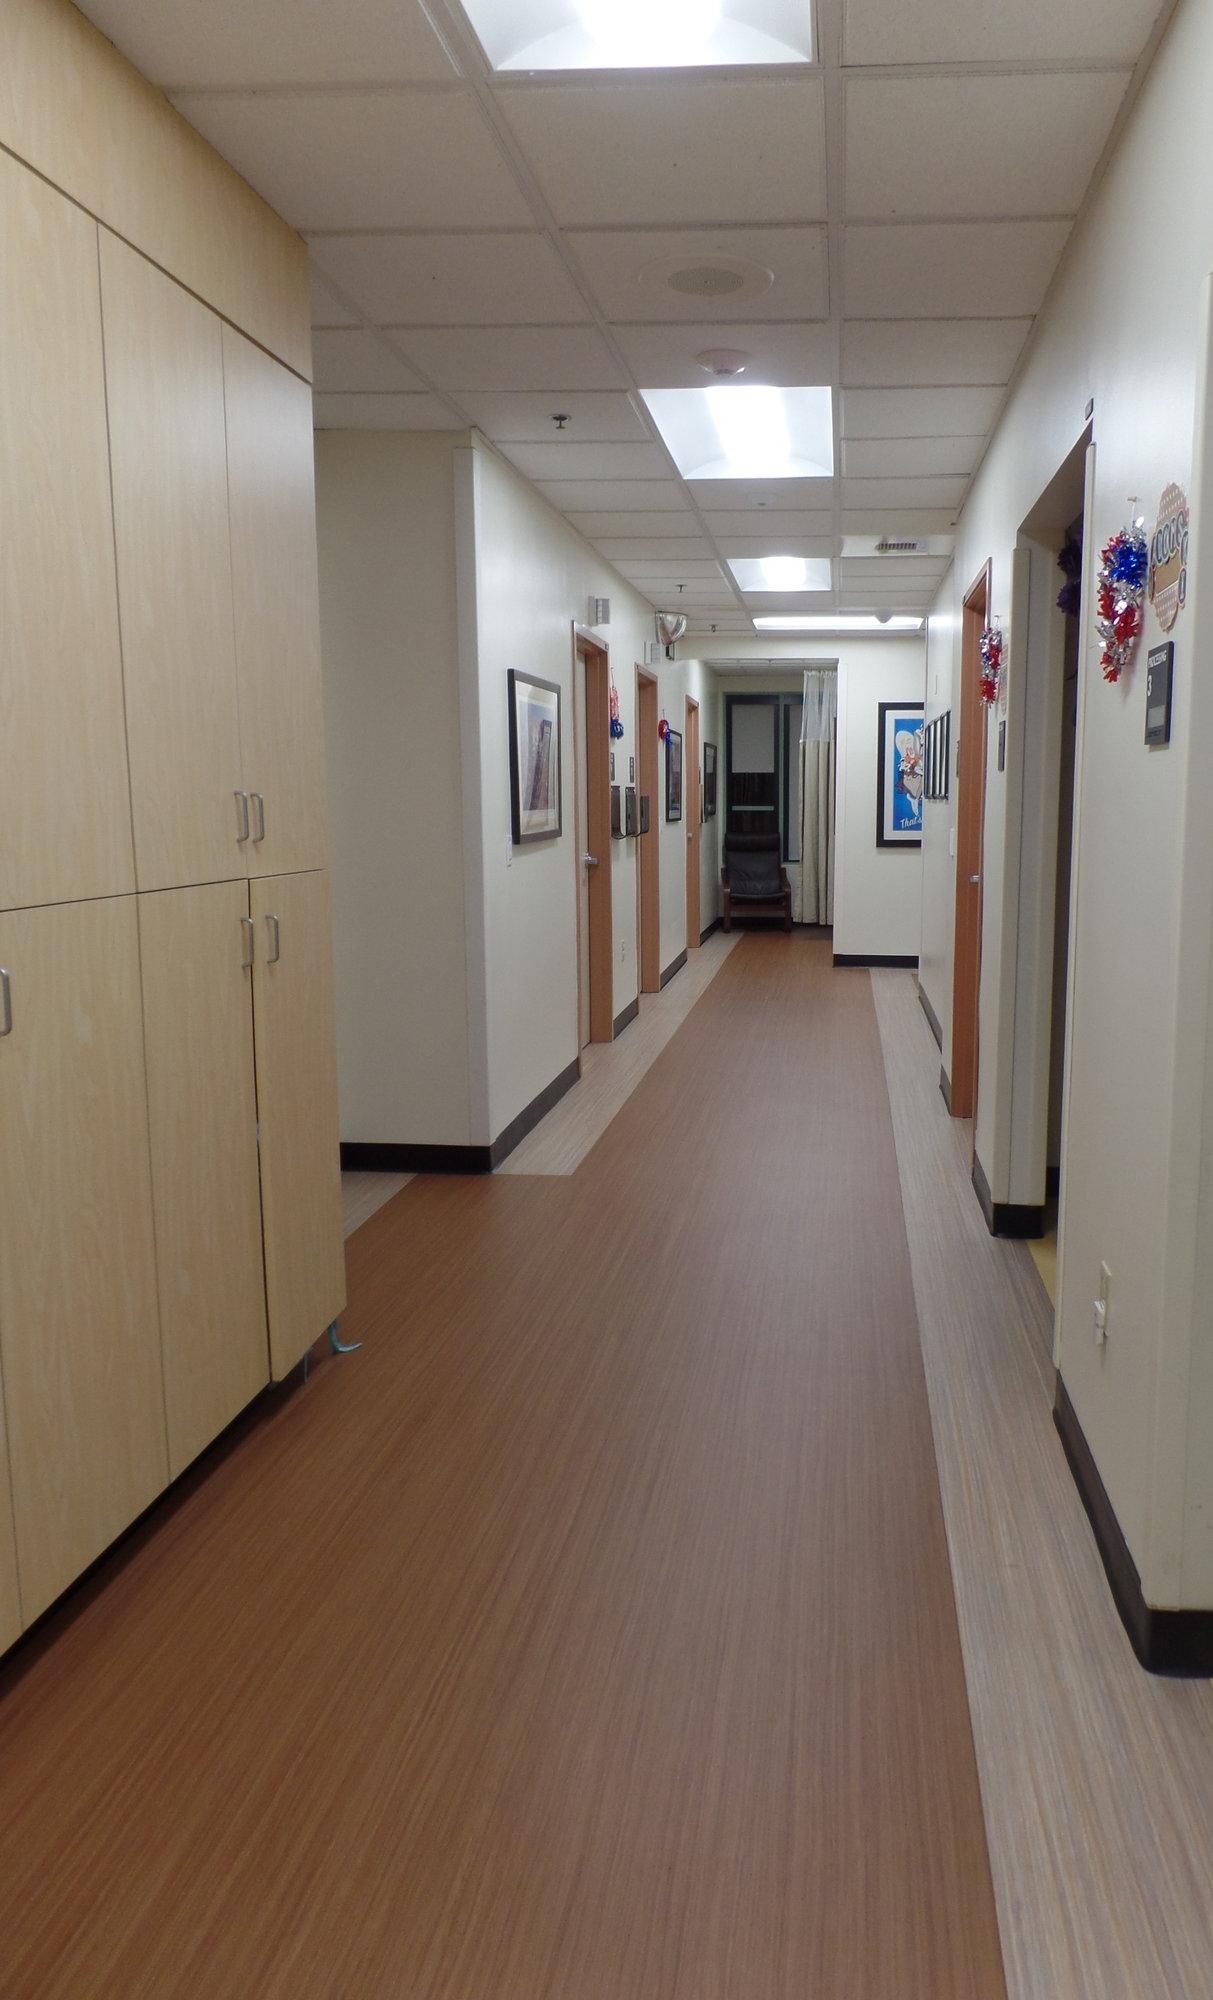 Kaiser Permanente San Dimas Medical Offices - Pediatric Corridor Upgrade